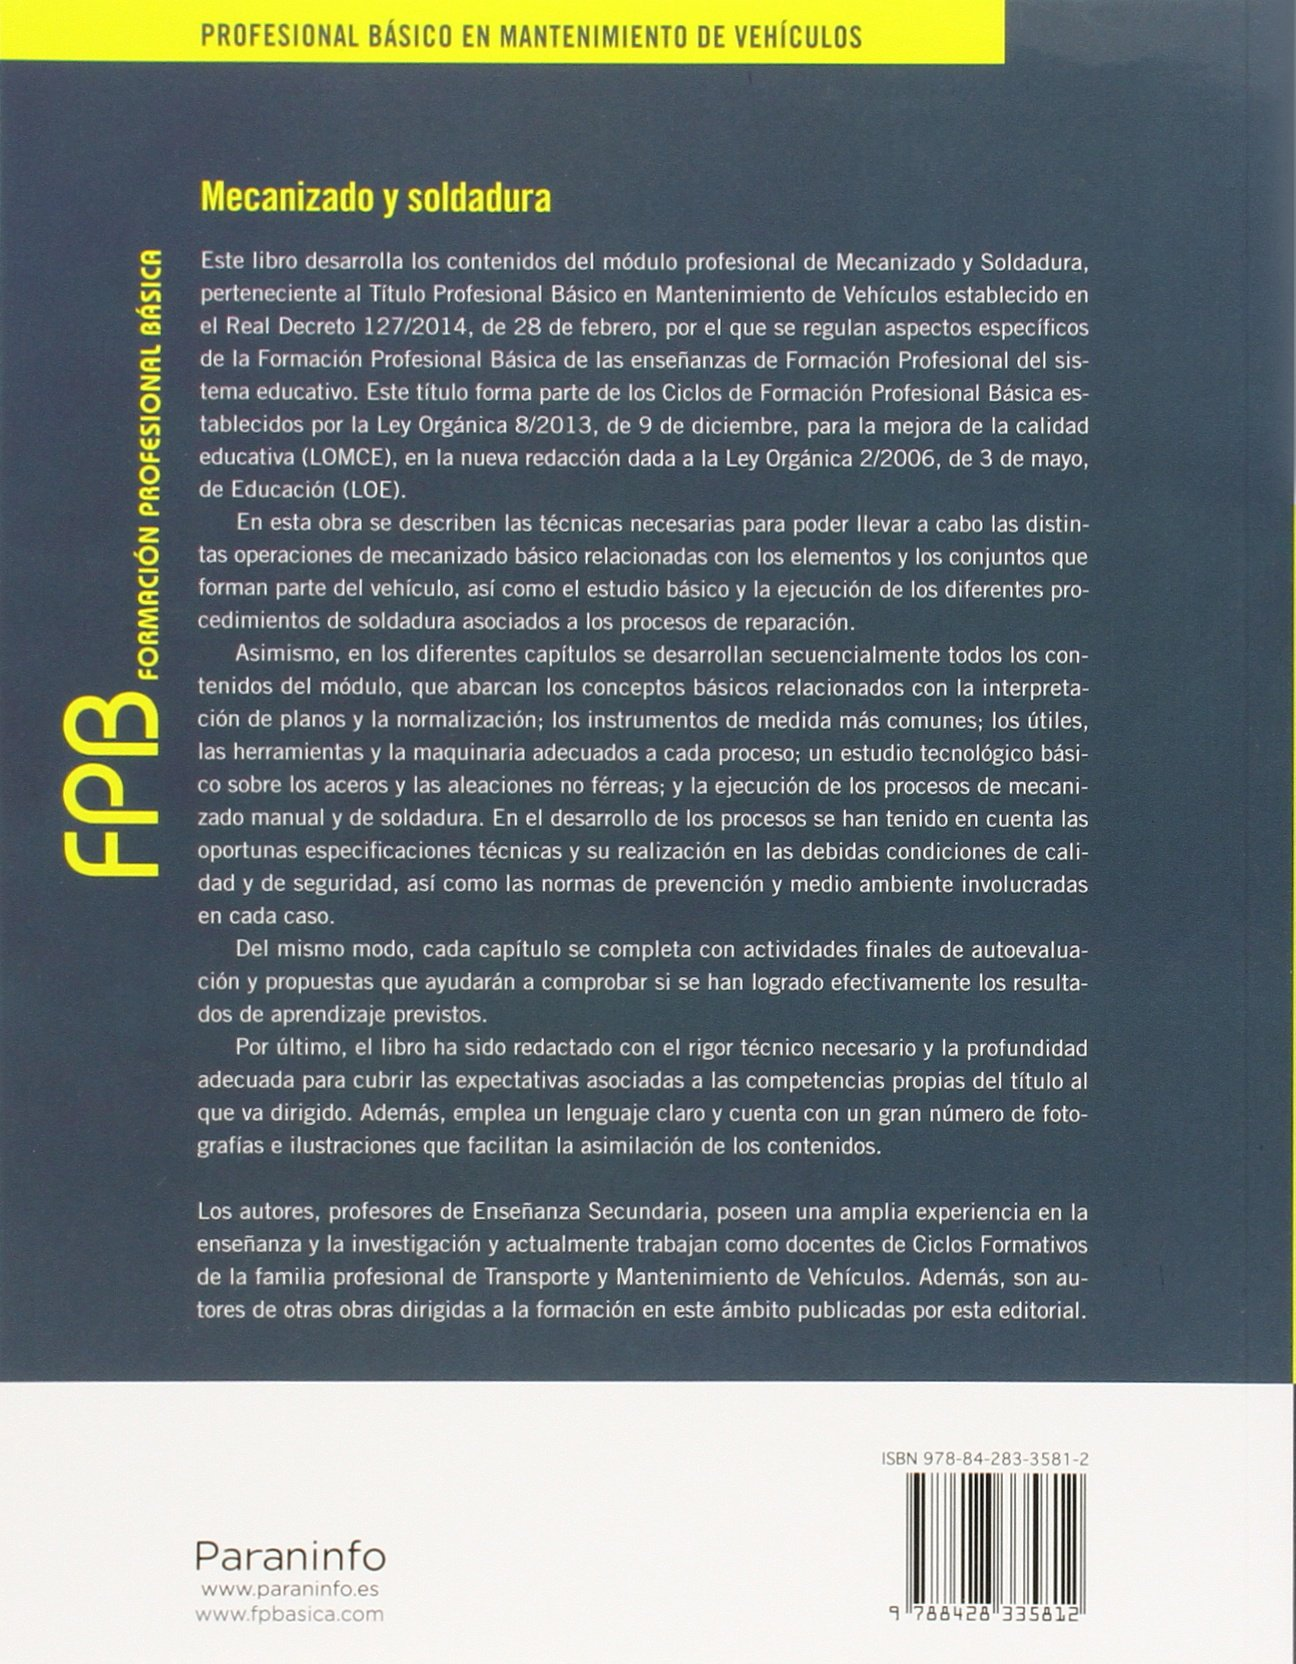 Mecanizado y soldadura: Amazon.es: EDUARDO ÁGUEDA CASADO, JOSÉ LUIS GARCÍA JIMÉNEZ, TOMÁS GÓMEZ MORALES, JOAQUÍN GONZALO GRACIA, JOSÉ MARTÍN NAVARRO: Libros